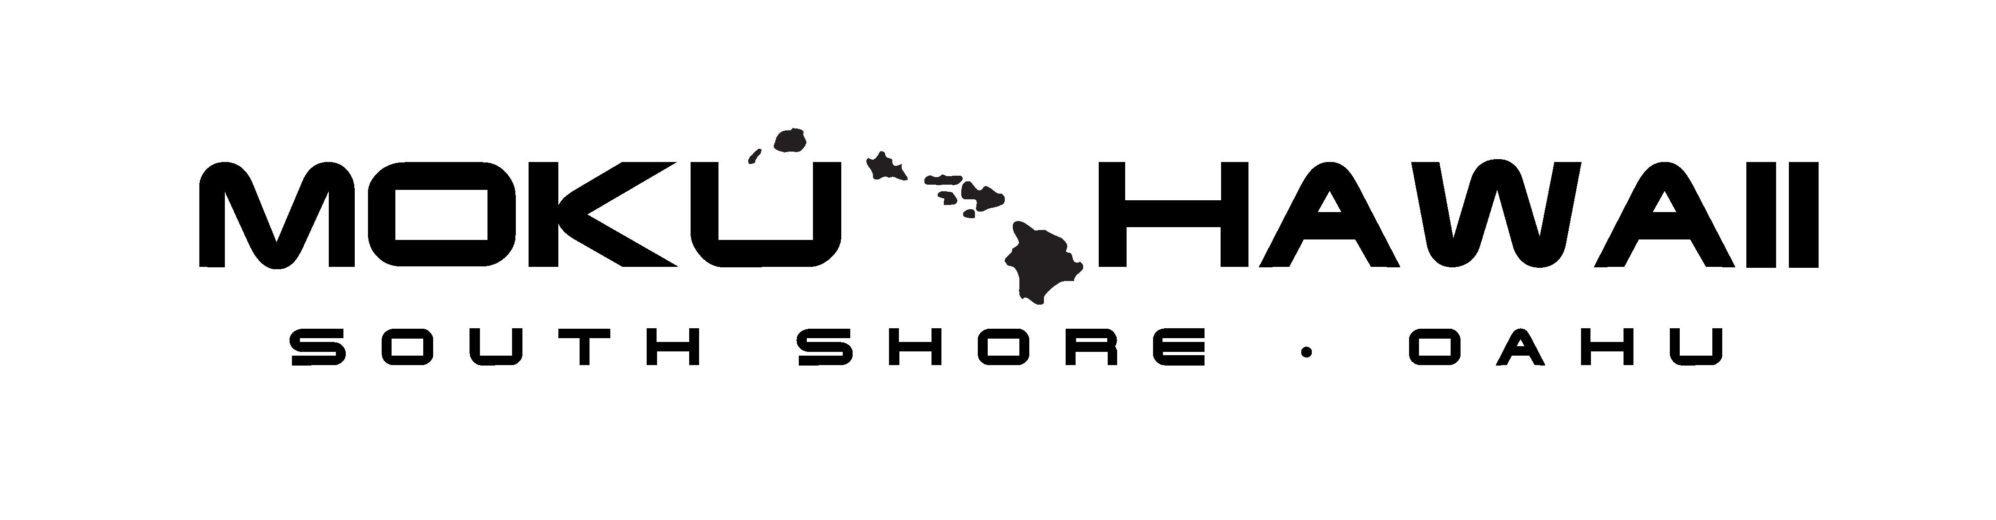 Aloha Surf Guide